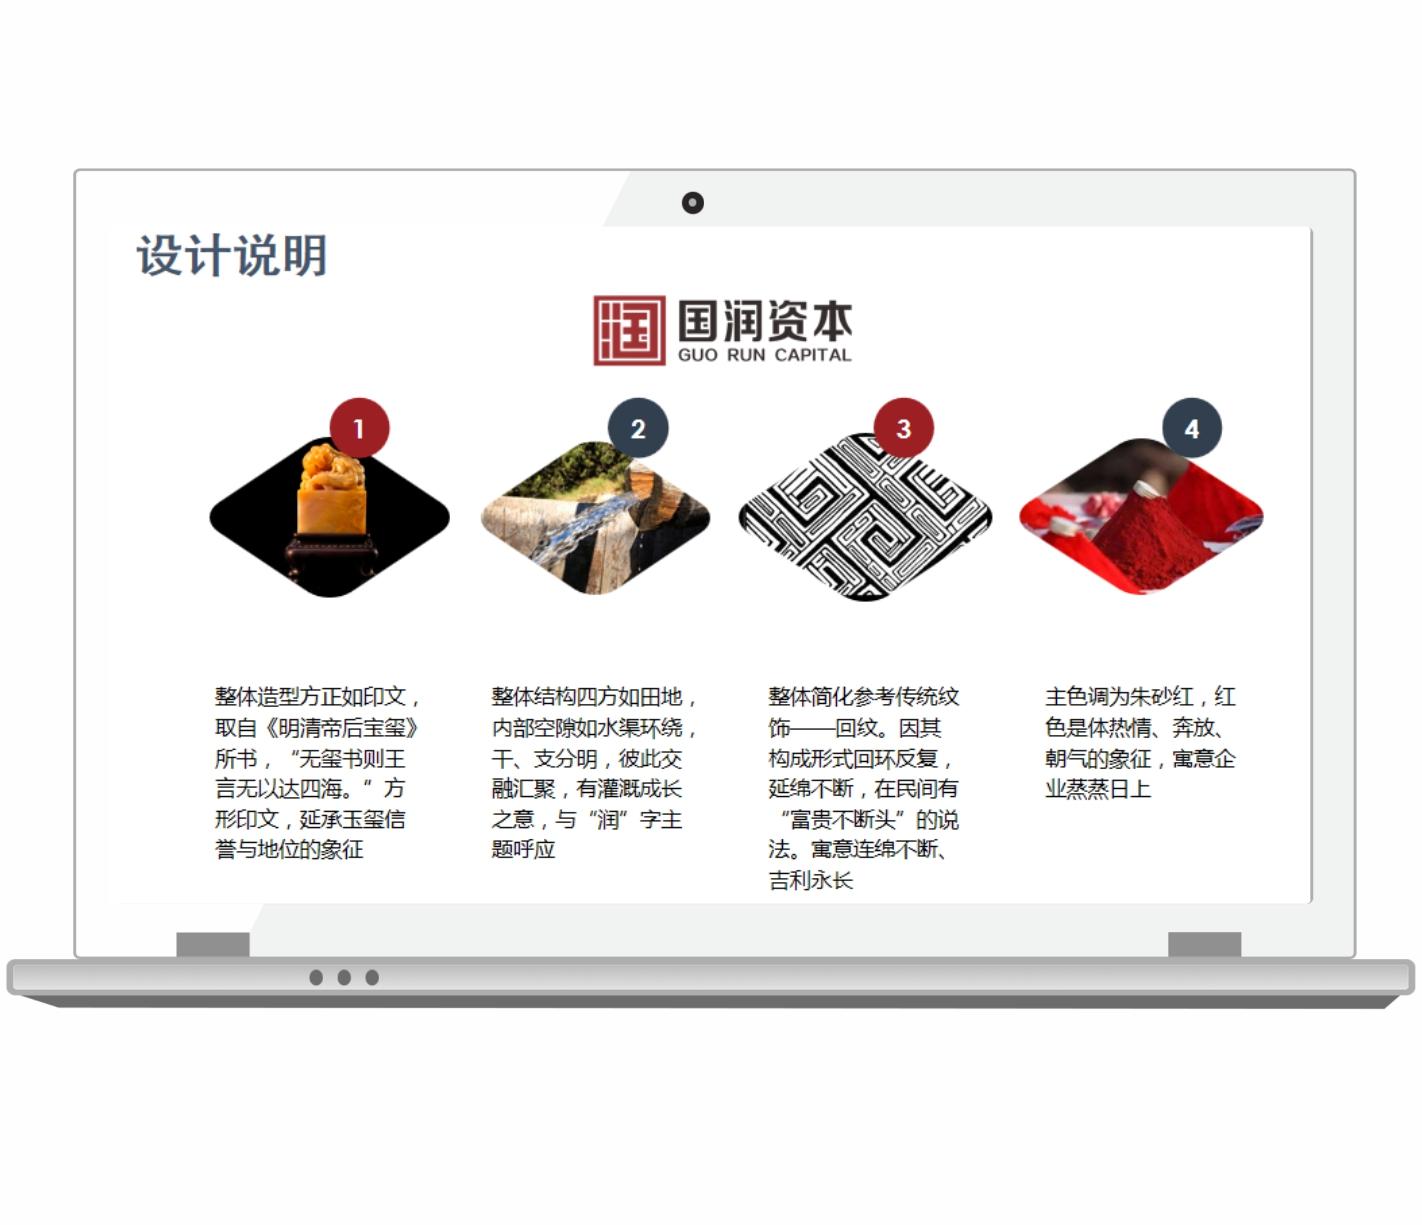 企业VI系统设计VI品牌设计VI规范手册VI产品手册